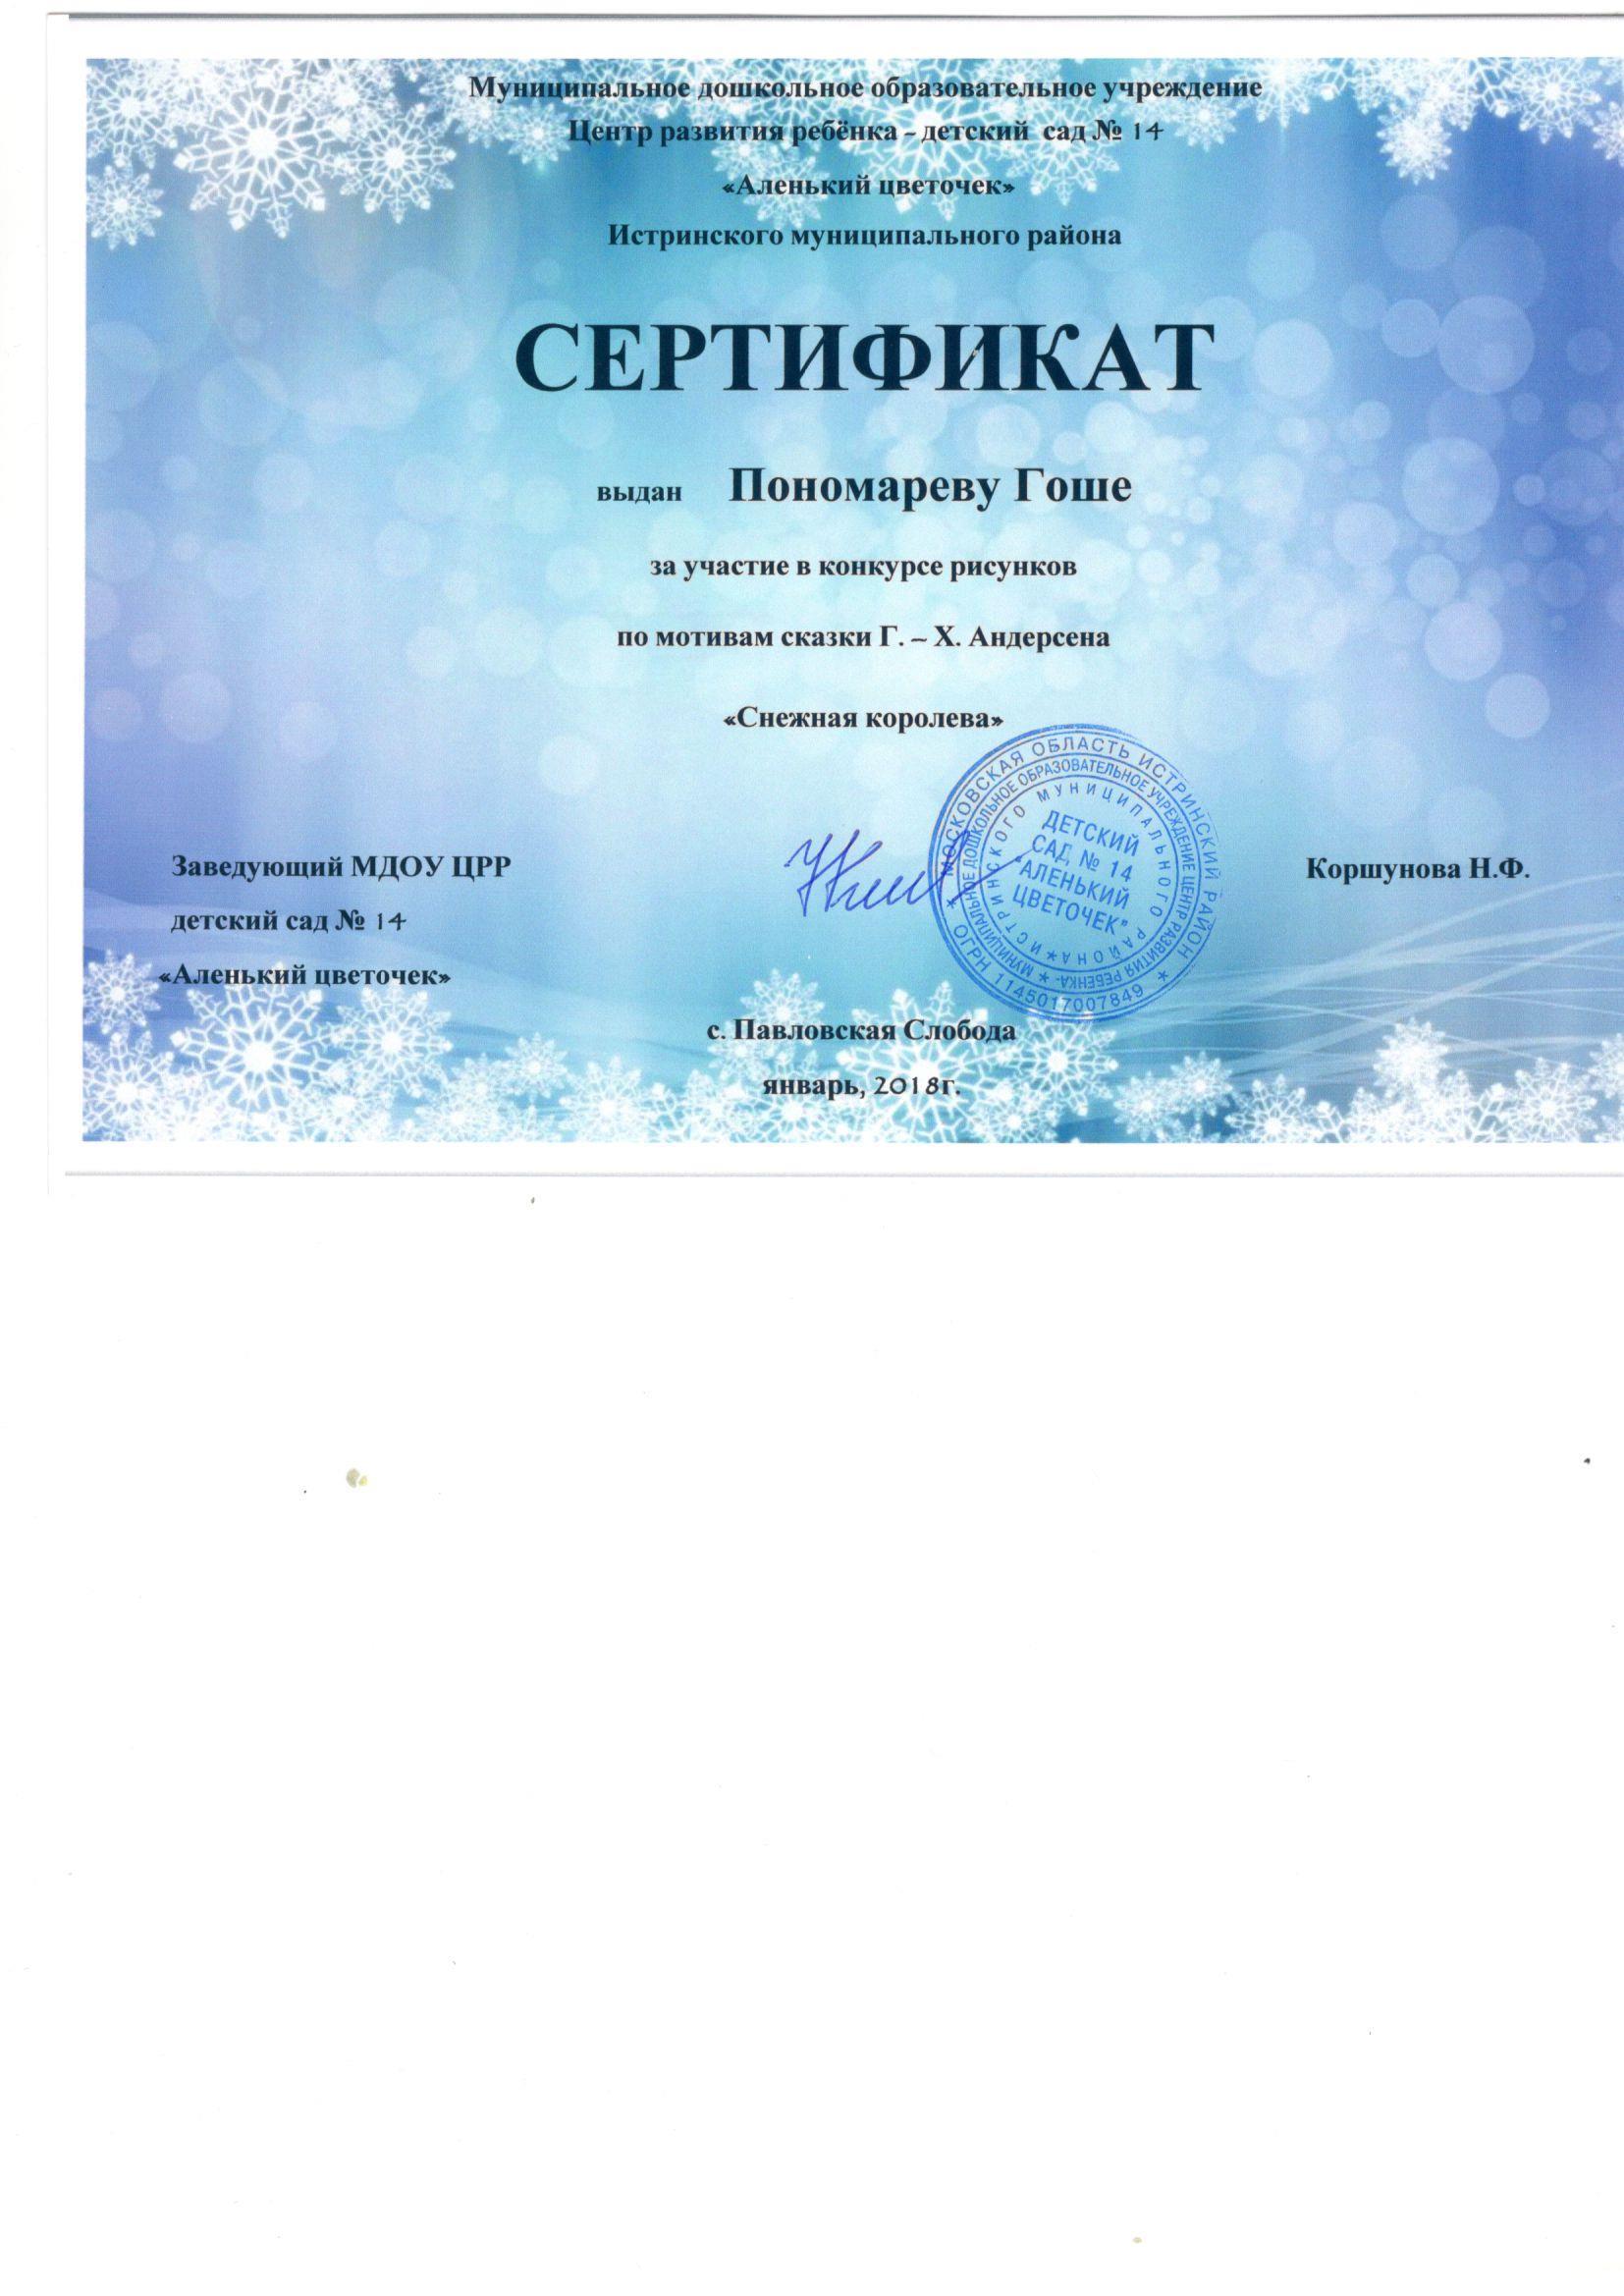 7Сертификат Гоша (pdf.io)